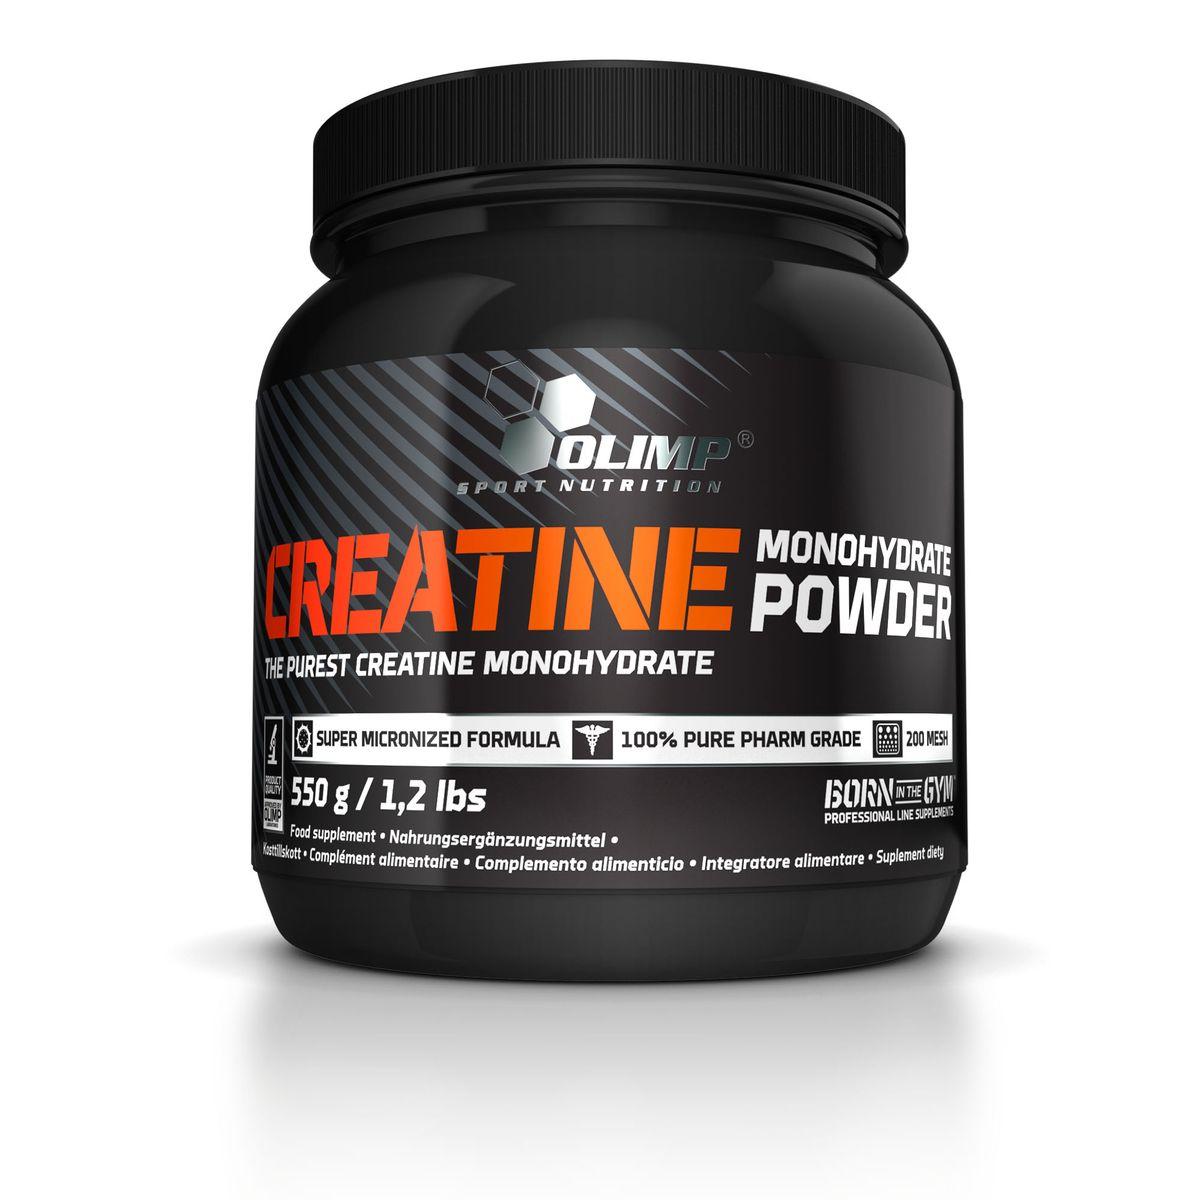 OLIMP Креатин Creatine Monohydrate Powder 550гO26461Креатин - необходимый элемент для превращения энергии в организме! Это жизненно необходимое вещество содержится в мышечных клетках в форме креатинфосфата. Усиленная мышечная работа, требующая максимального освобождения энергии, сопровождается повышенным расходованием креатинфосфата как важнейшего энергетического источника мышечной системе, вследствие чего потребность организма в креатине при физических нагрузках значительно повышается! Помимо увеличения выносливости на тренировках креатин способствует увеличению объема мускулатуры. Использован креатин компании Creapure™. Рекомендации по применению: 5 г порошка в день. Рекомендации по приготовлению: Растворите 1 порцию (5 г) в 150-200 мл воды или Вашего любимого напитка.